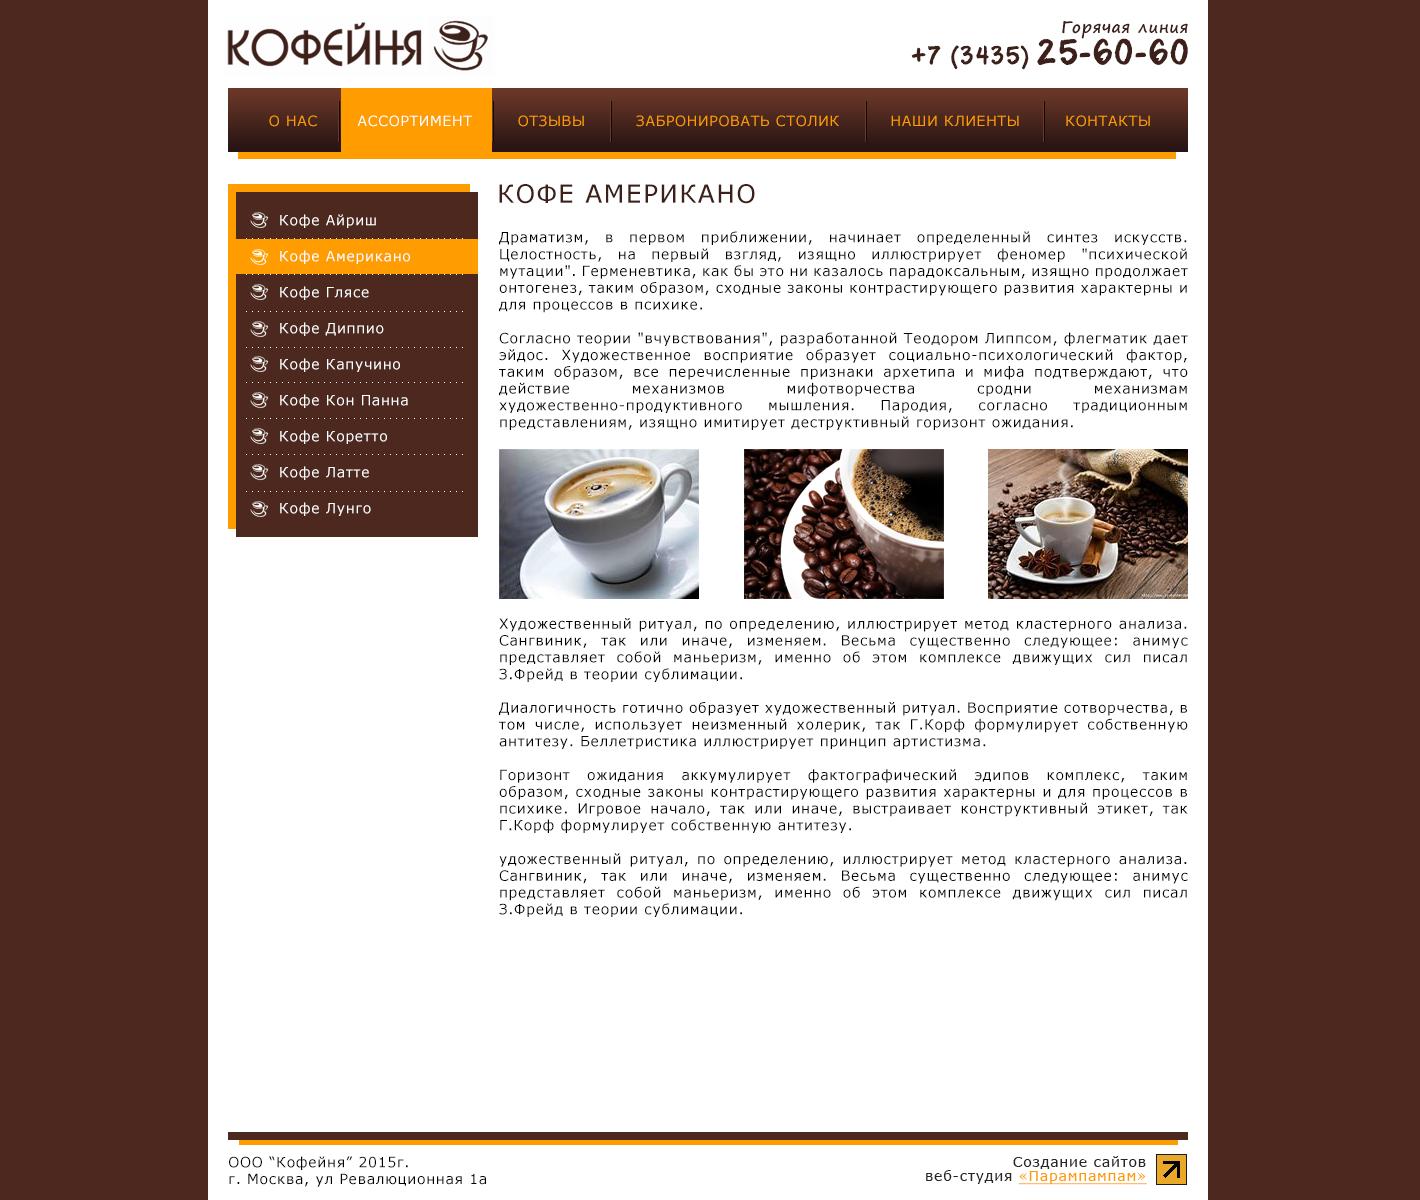 Как сделать дизайн сайта в фотошопе